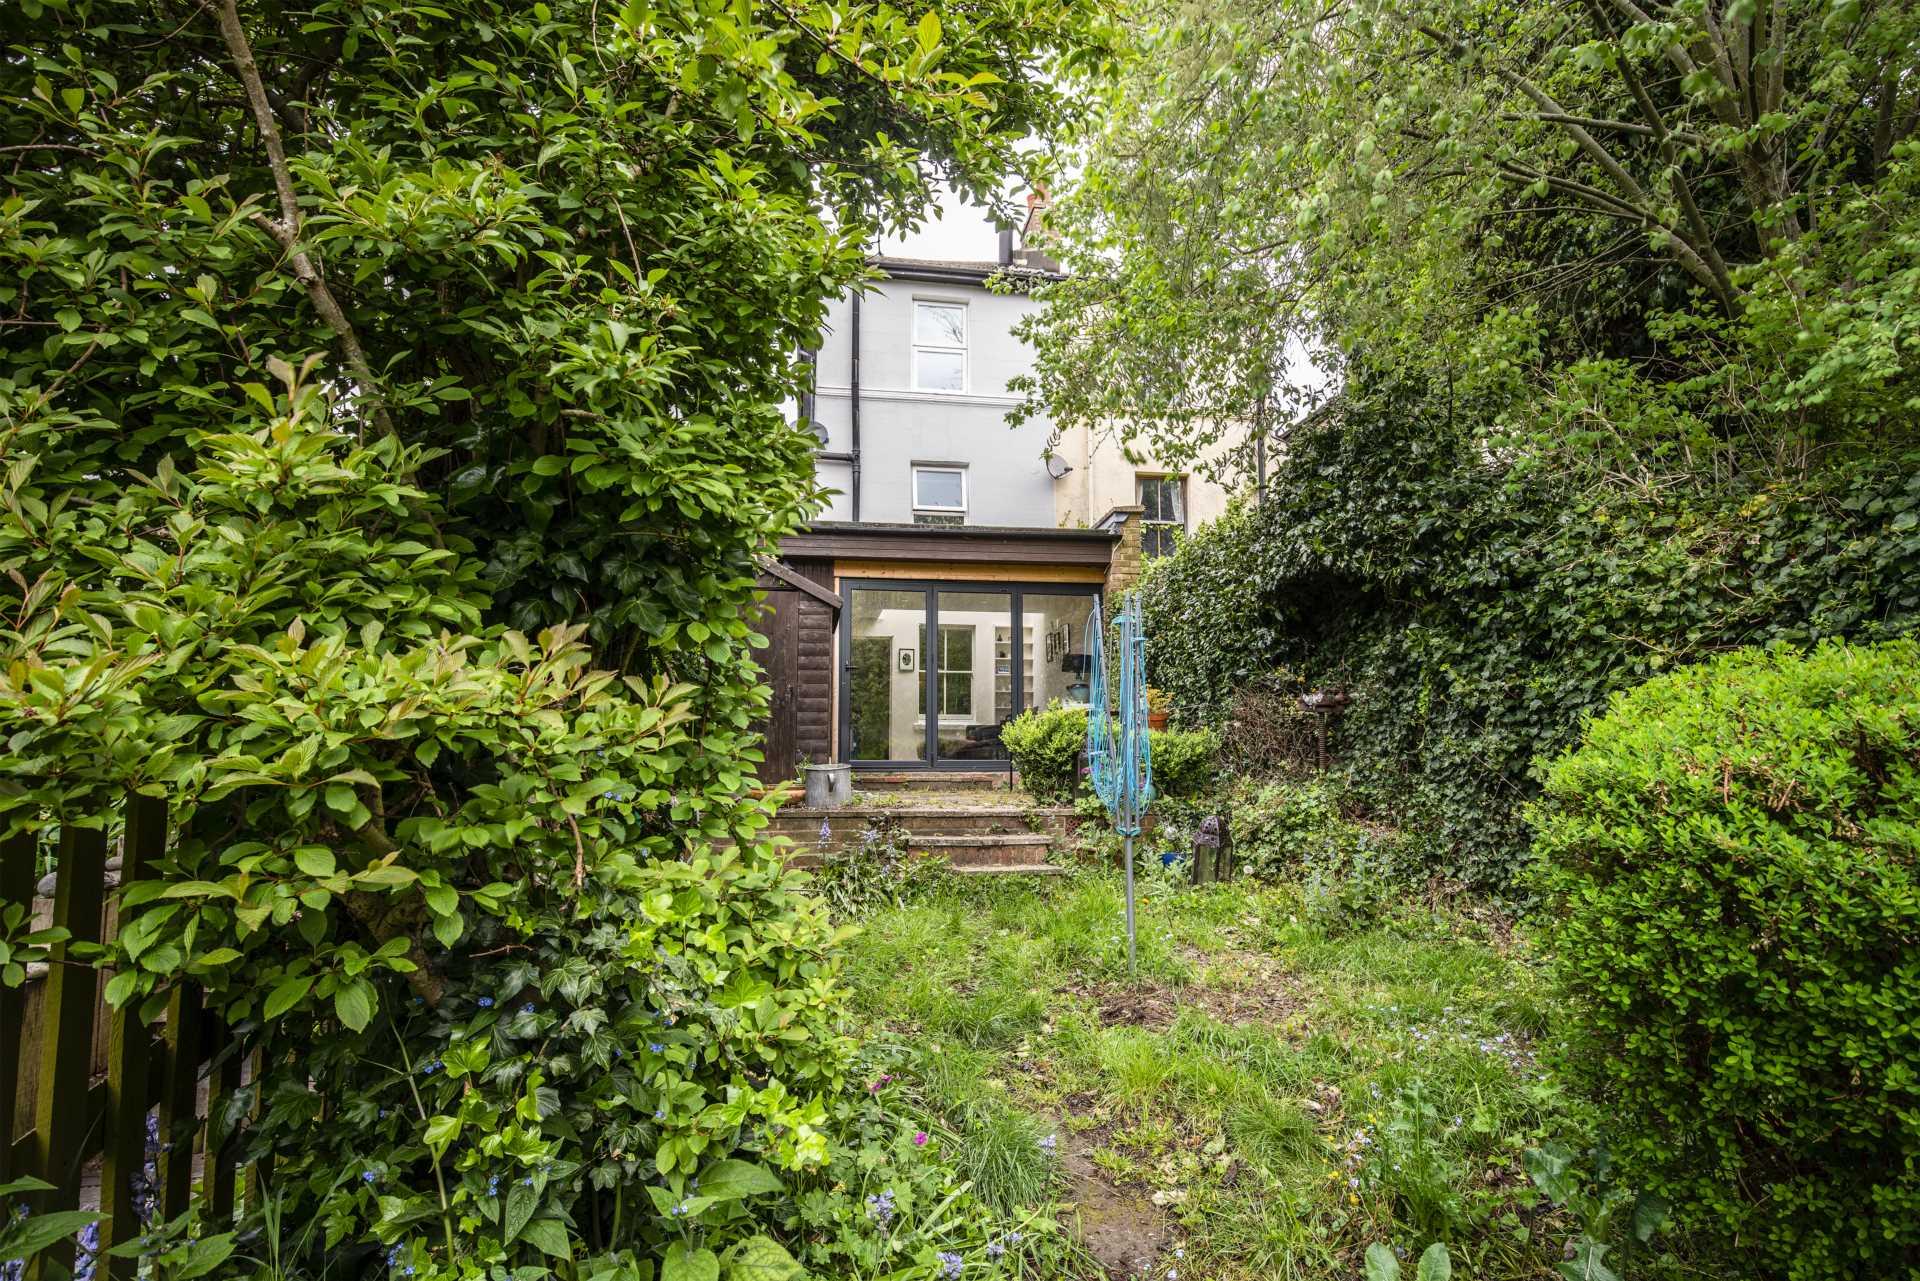 Queens Road, Tunbridge Wells, Image 15